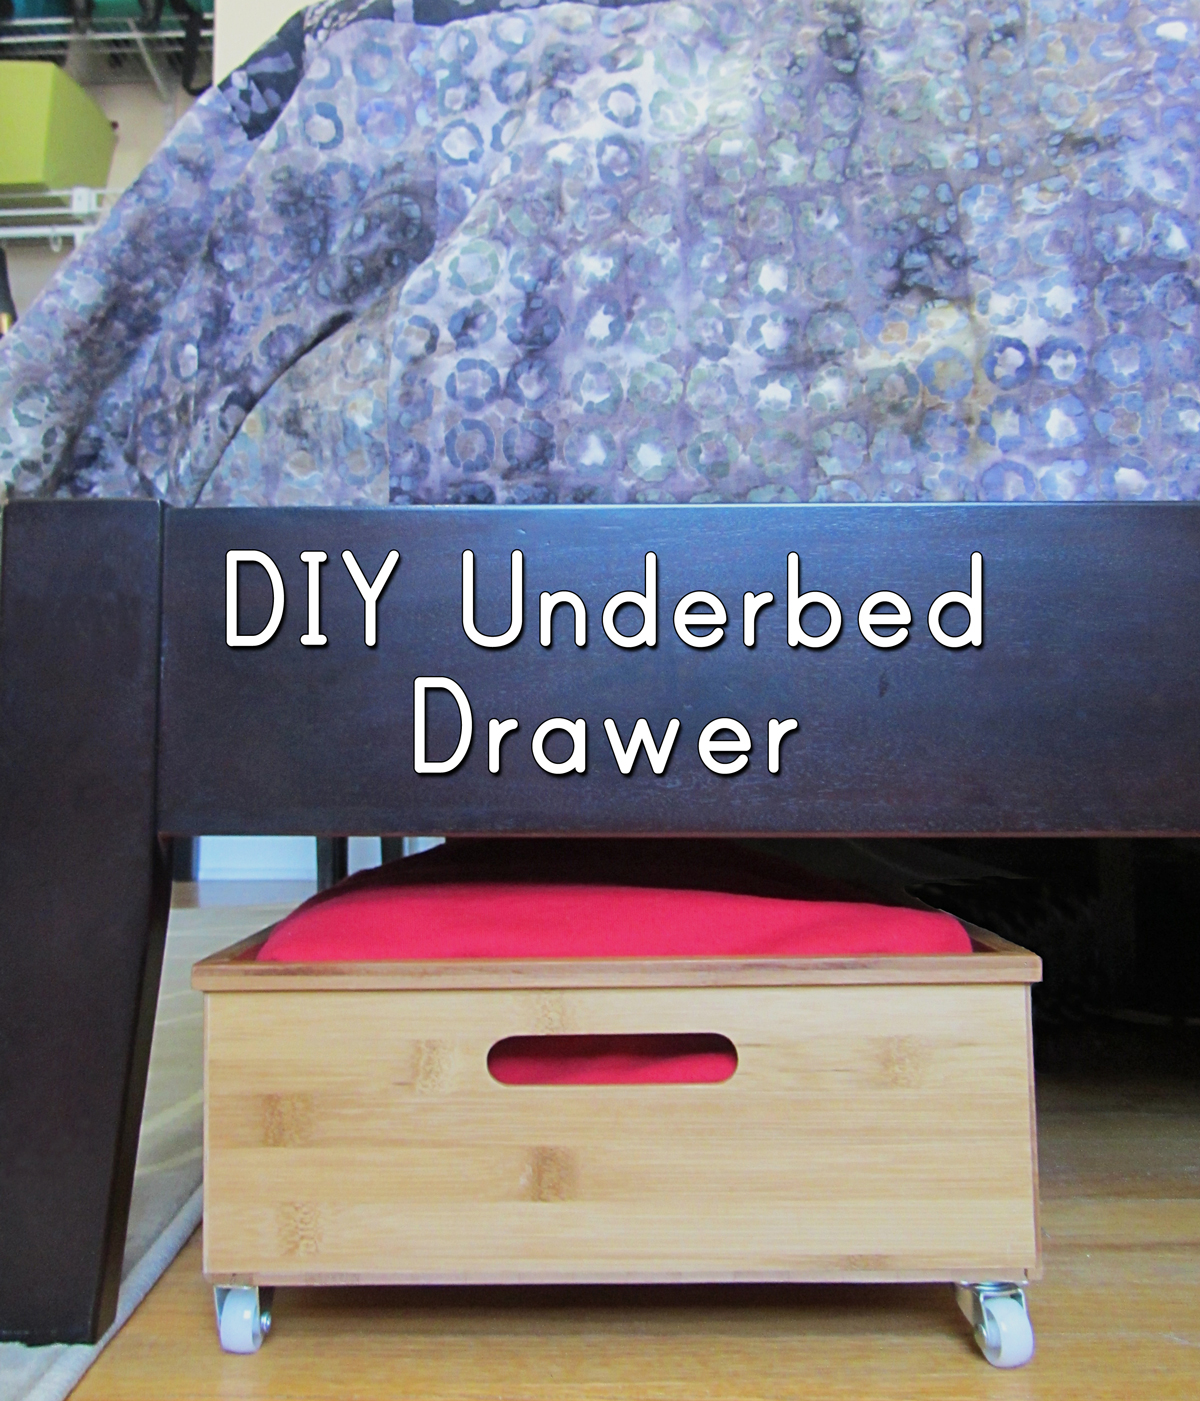 Diy Under Bed Drawers Diy-under-bed-drawer